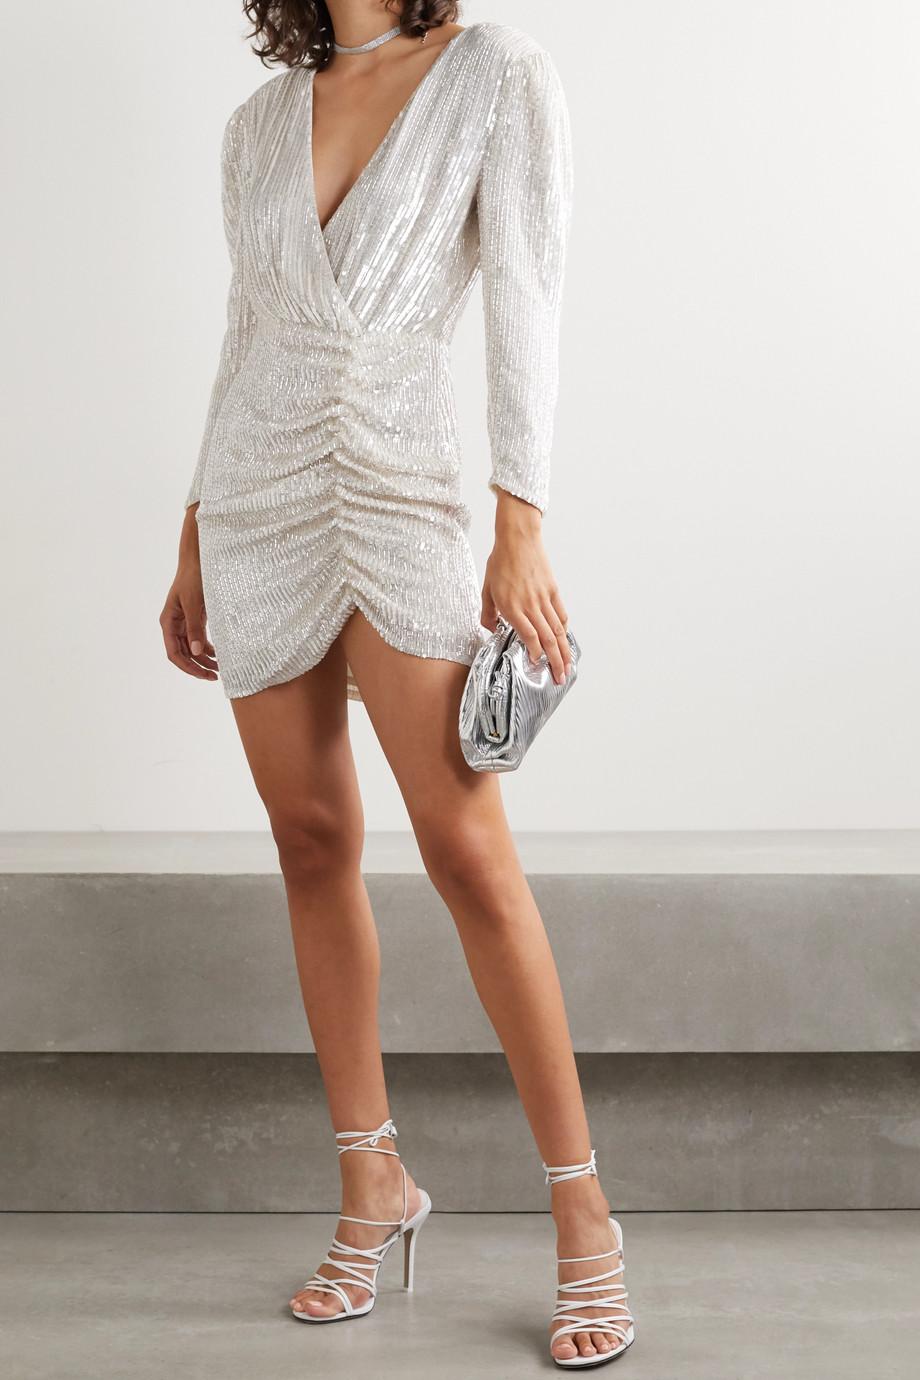 Retrofête Stacey gerafftes Minikleid aus Chiffon mit Verzierungen